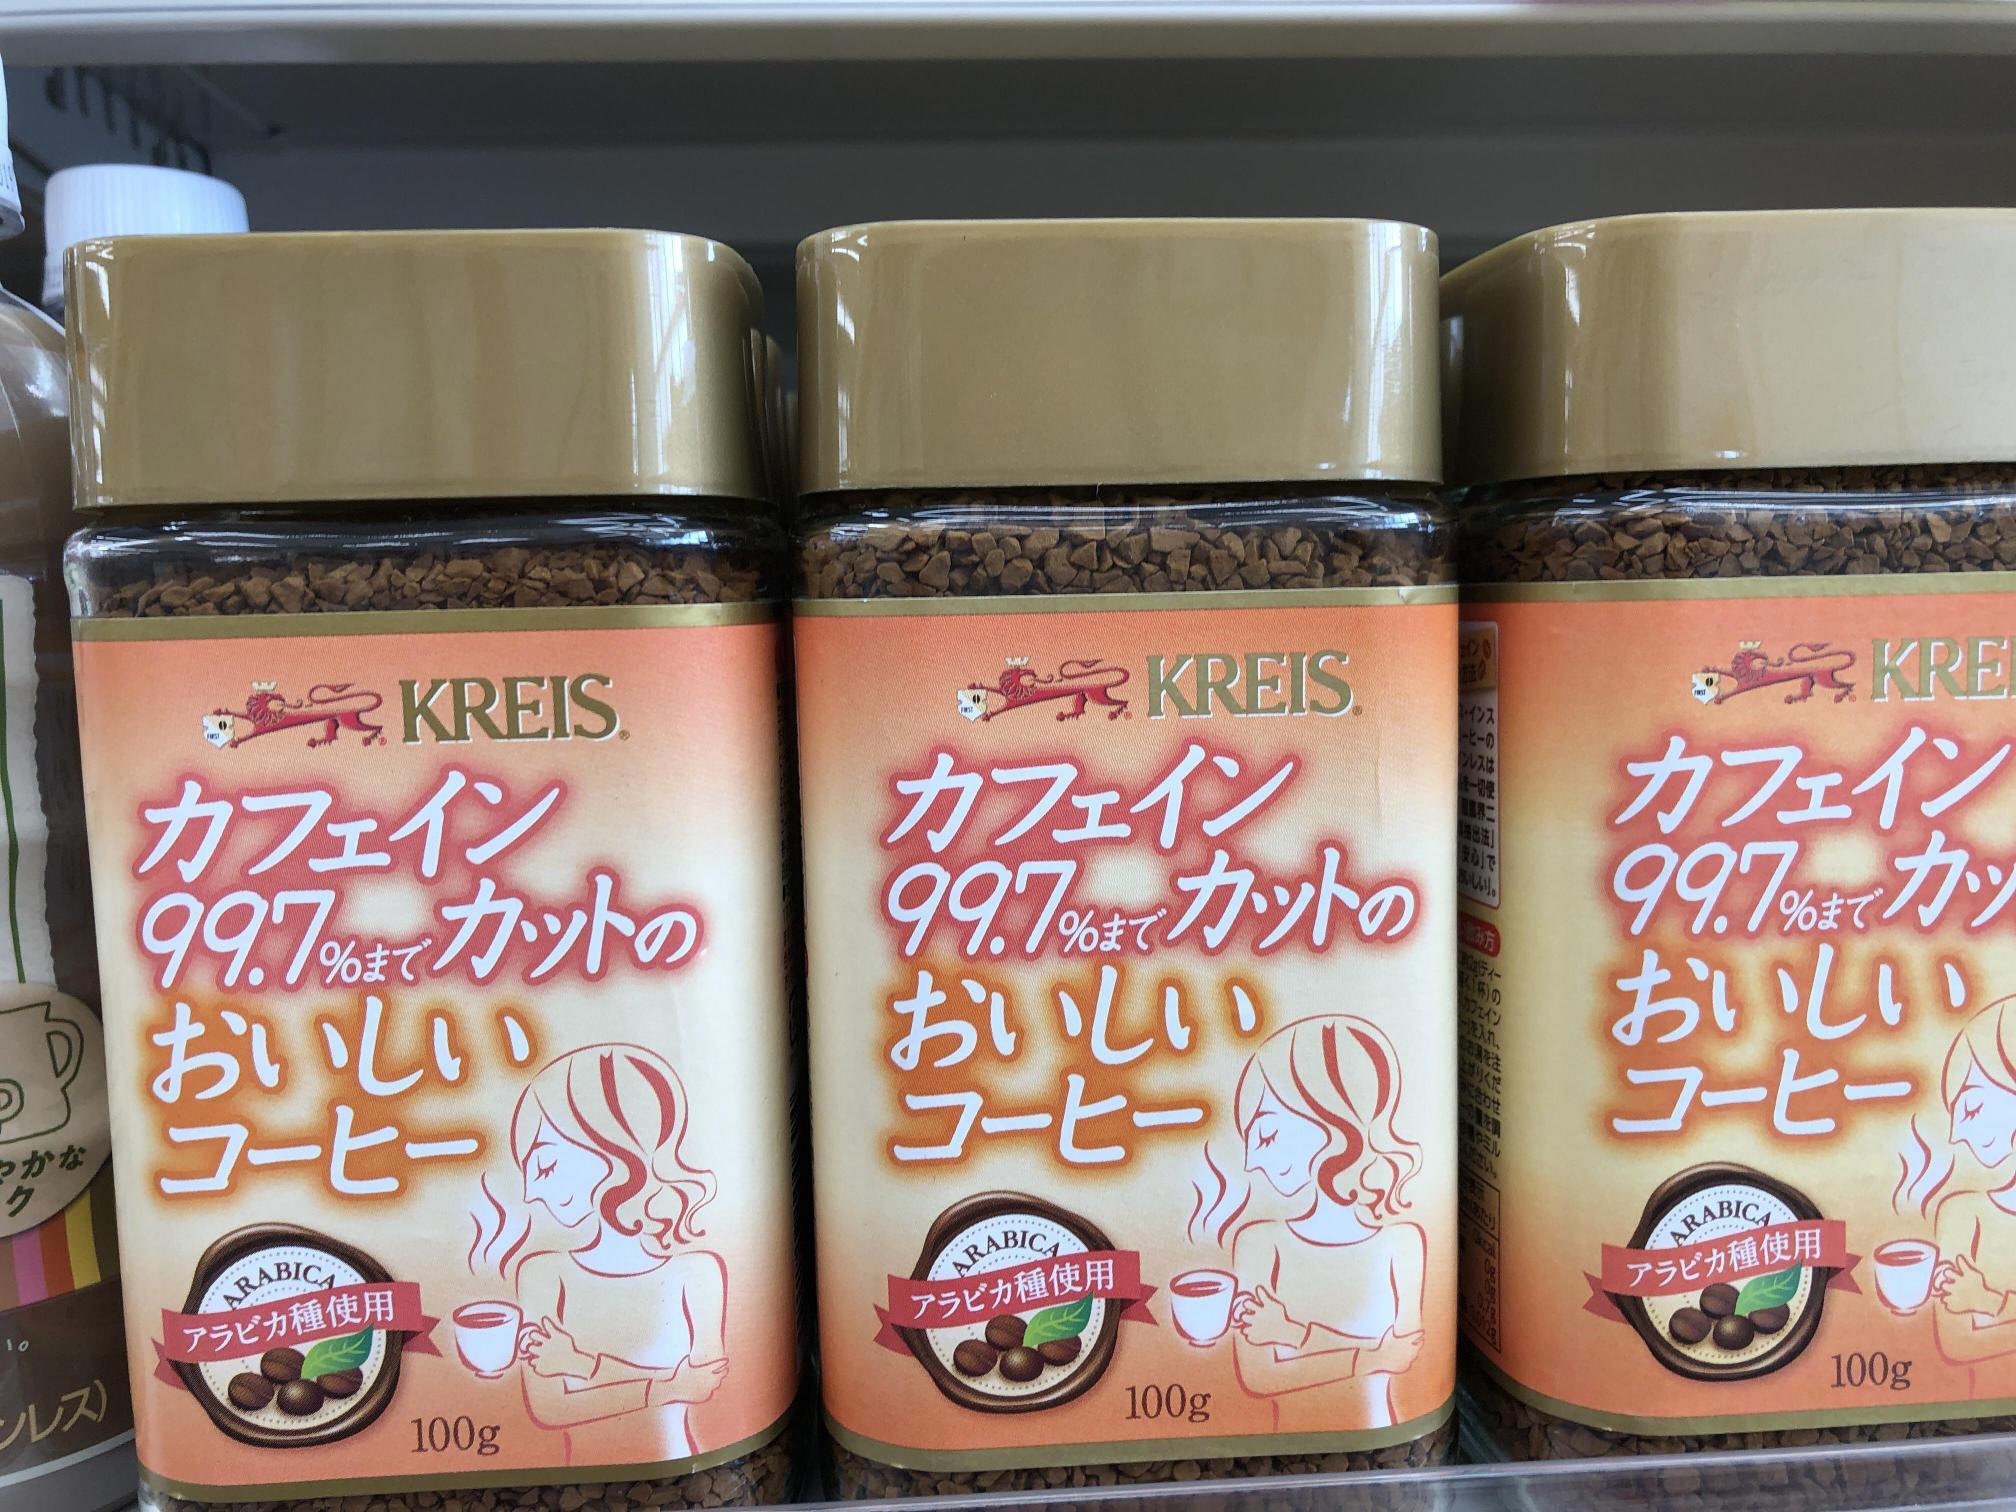 Kreis 减咖啡因孕妇咖啡 瓶装 ...